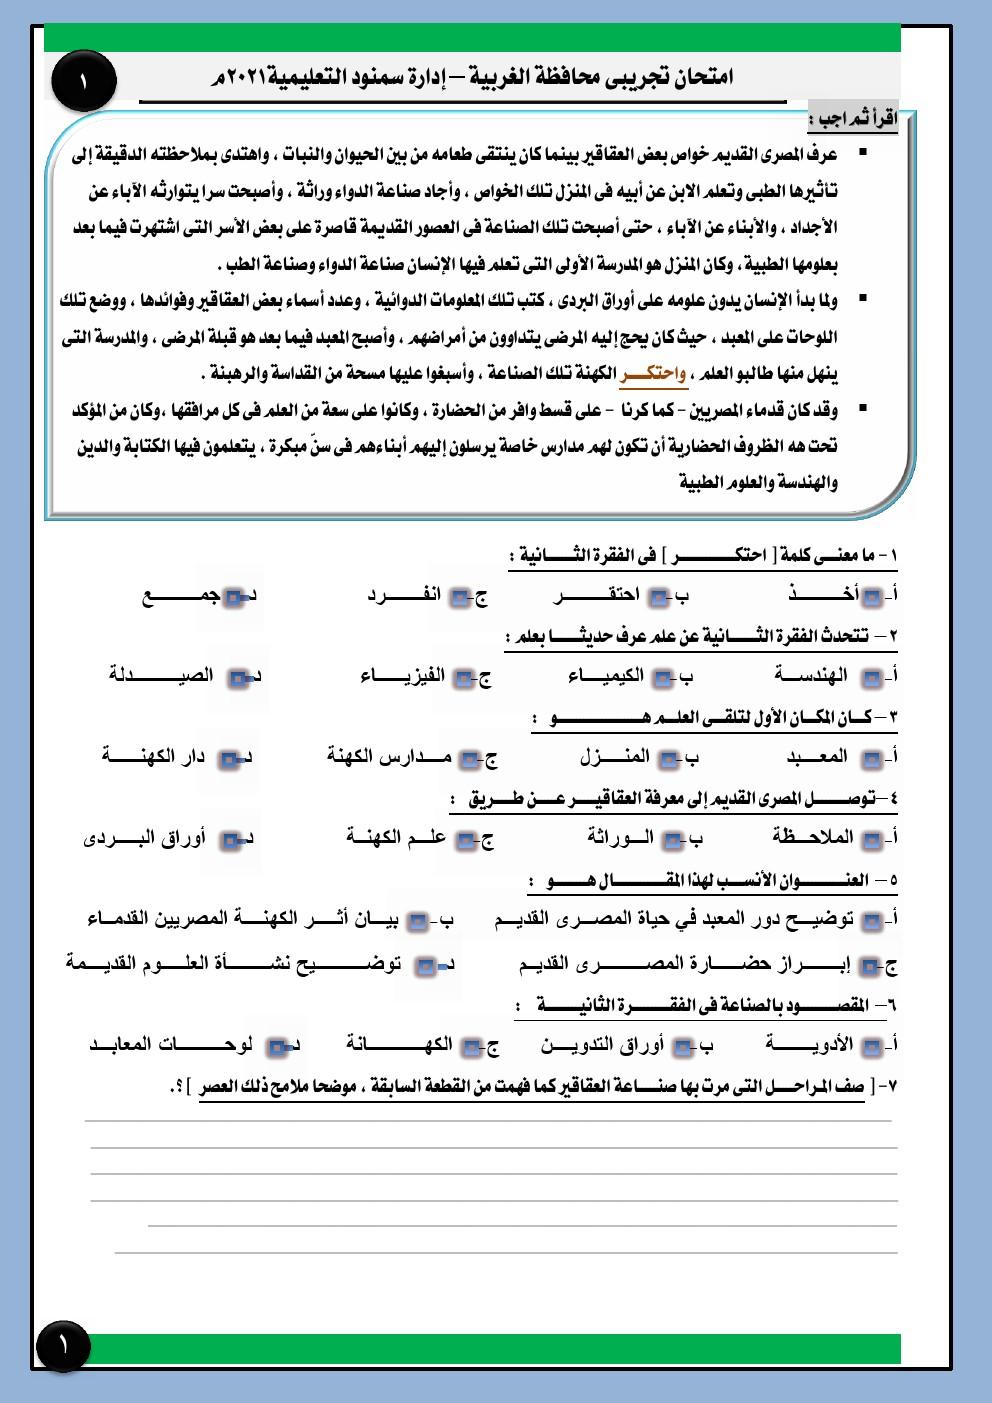 مراجعة لغة عربية للصف الثالث الثانوى نظام جديد أ/ محمد العفيفى 1292